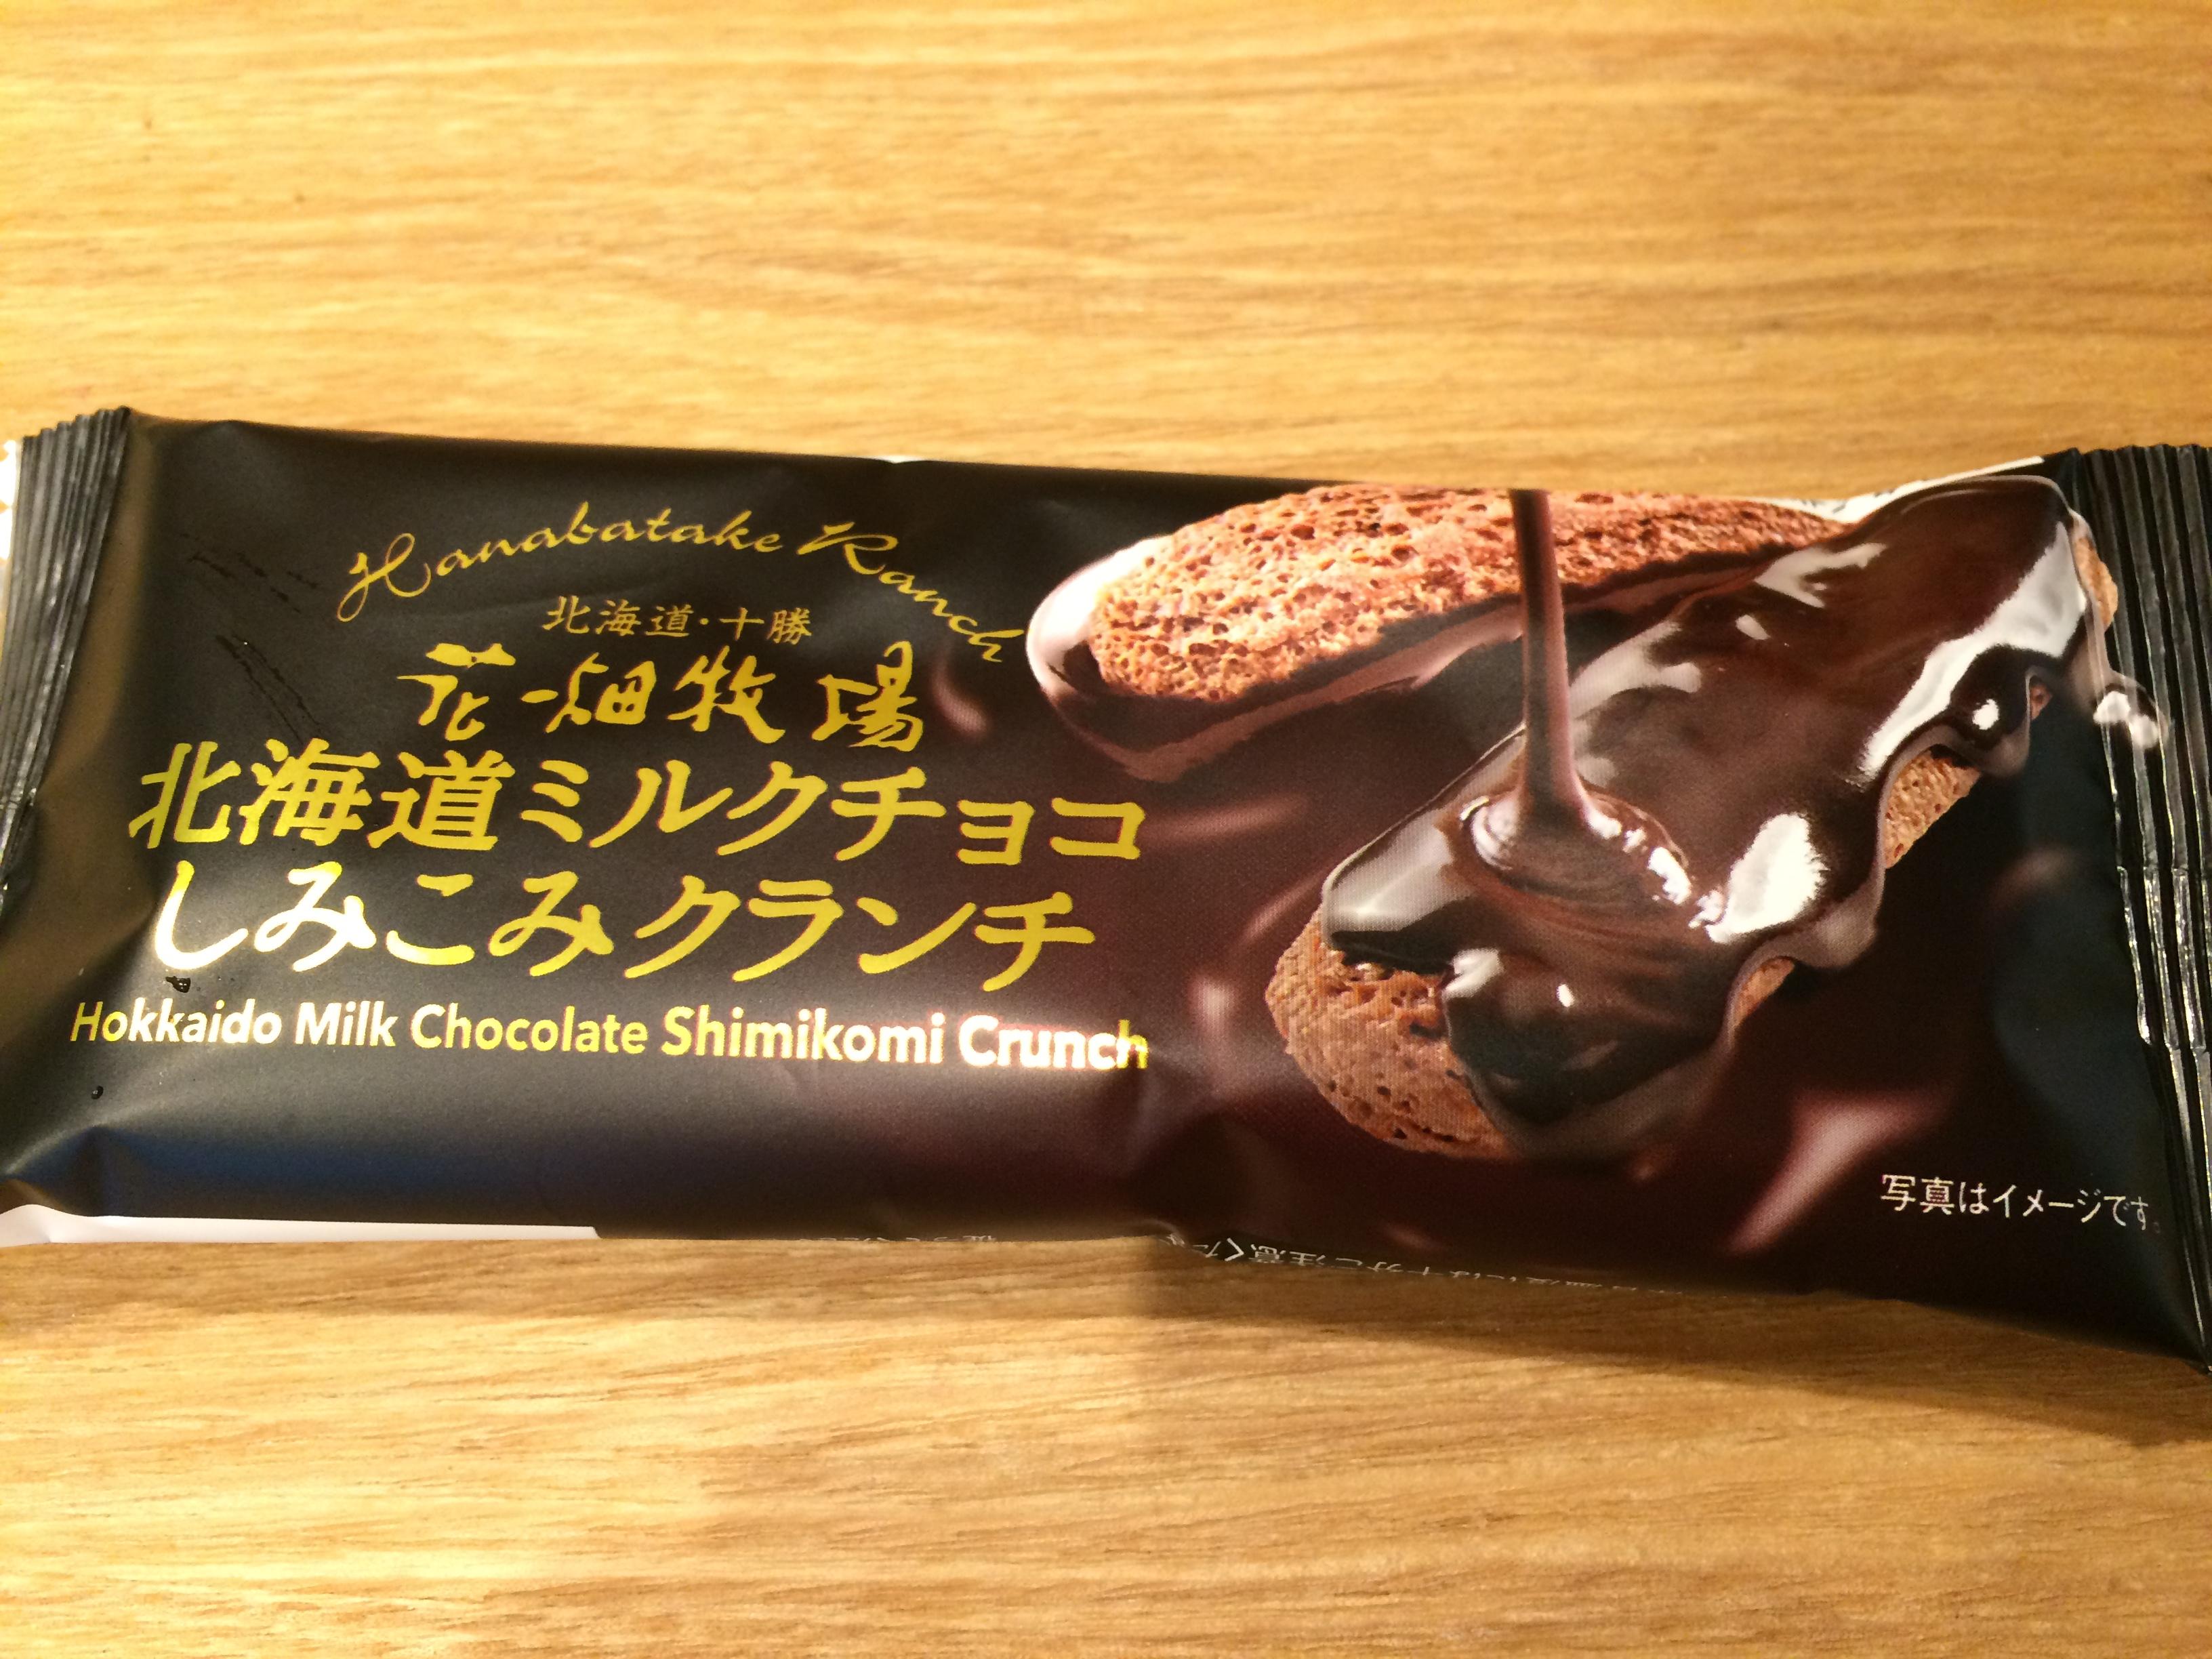 あの花畑牧場のお菓子!北海道ミルクチョコしみこみクランチが登場